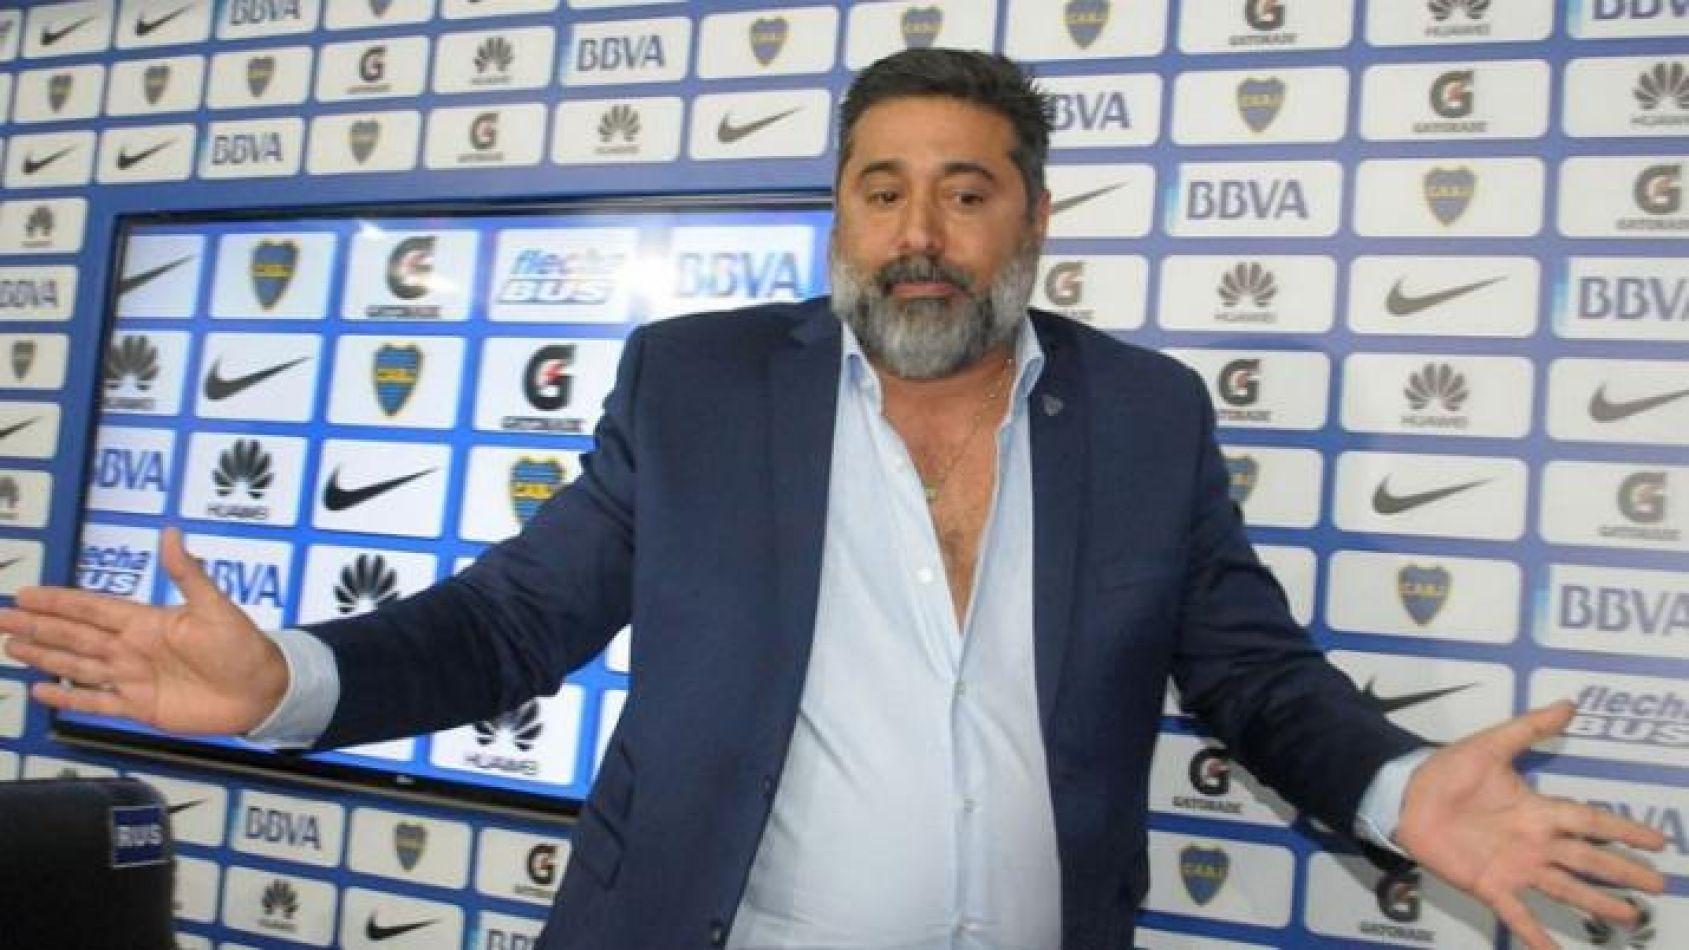 La compra del Barcelona que puede dejarle una fortuna a Boca